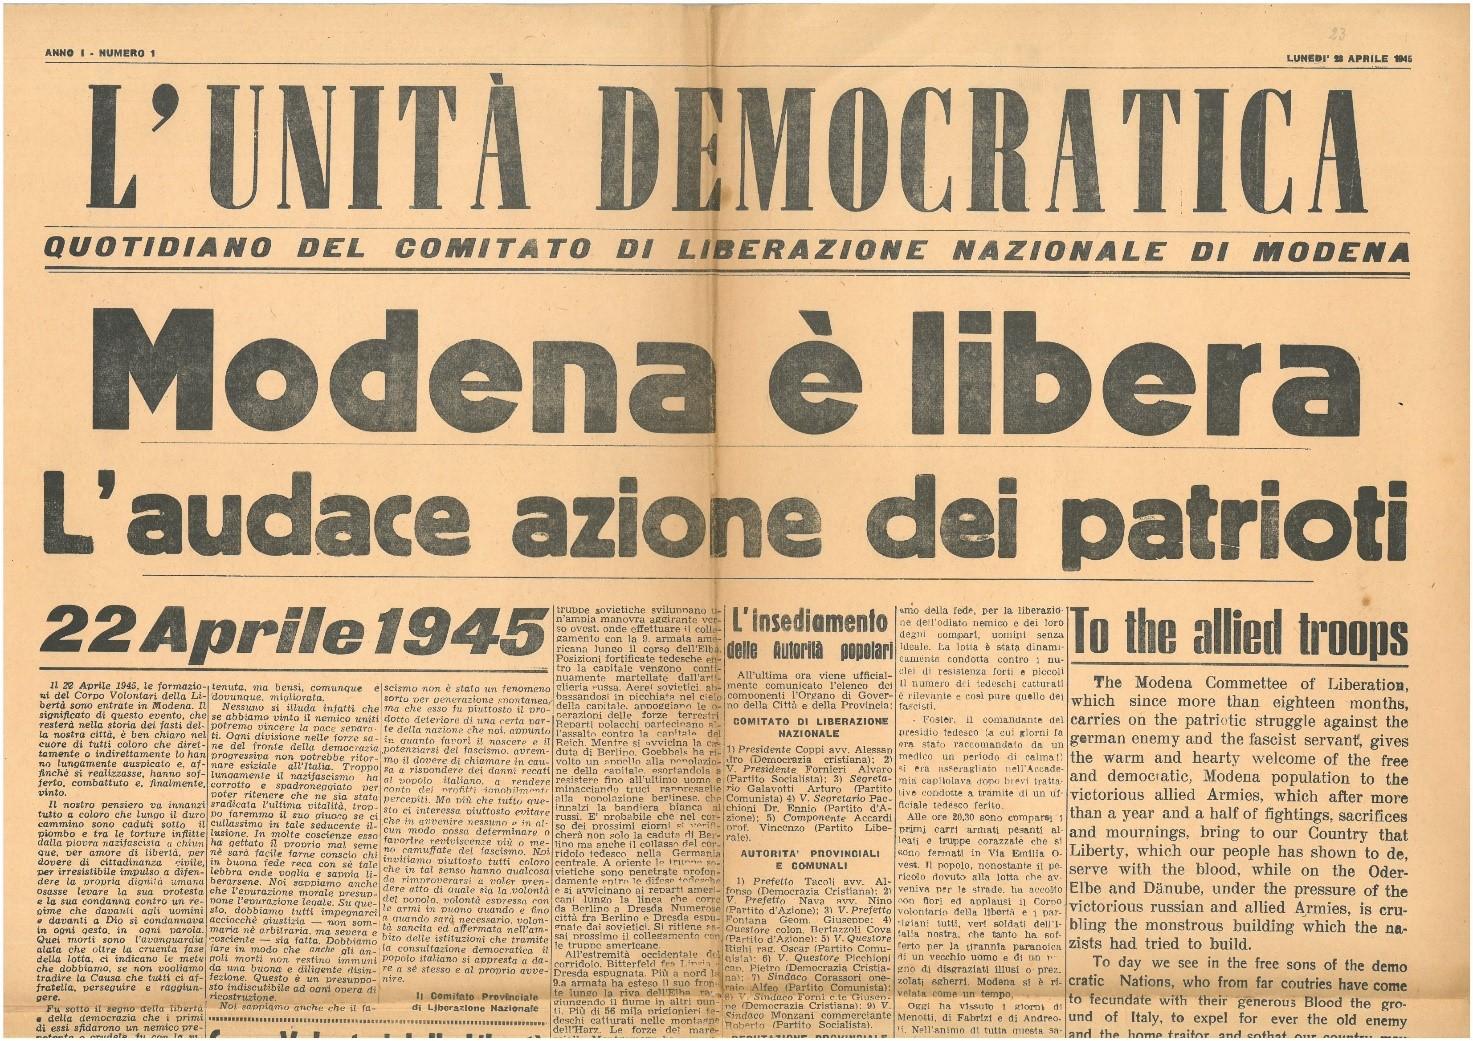 Modena Echi Resistenti